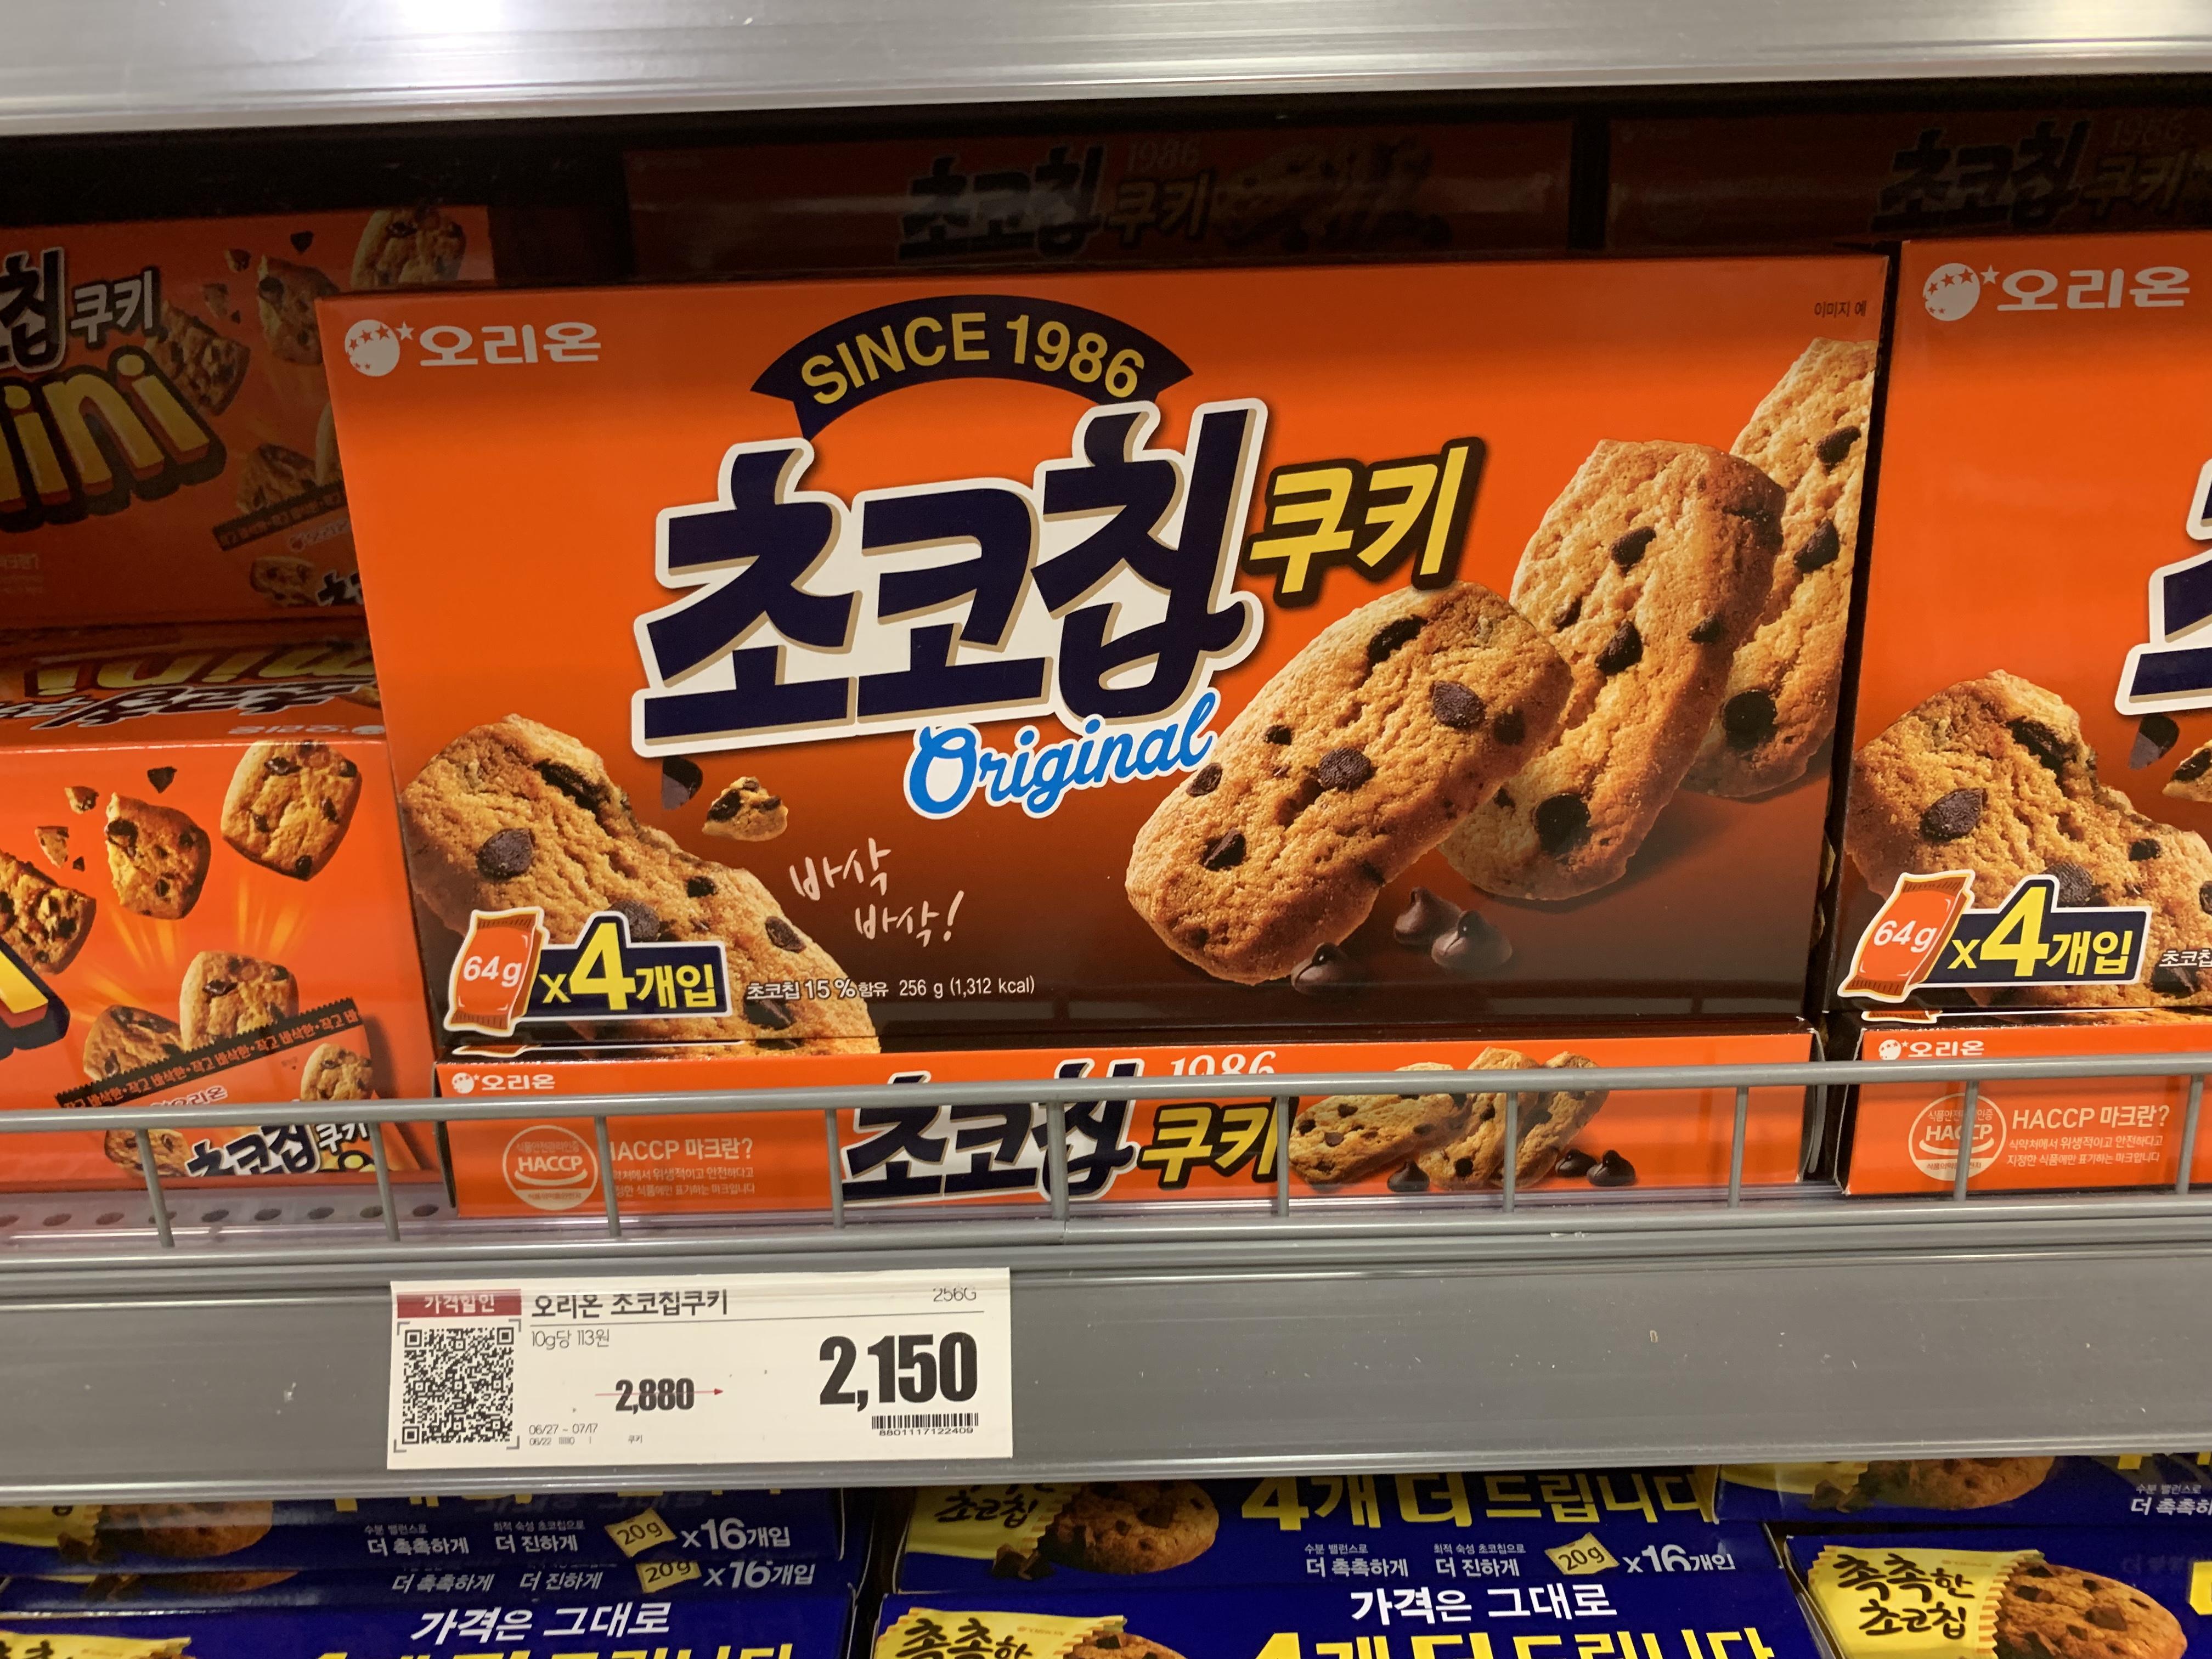 スーパーのチョコチップクッキー